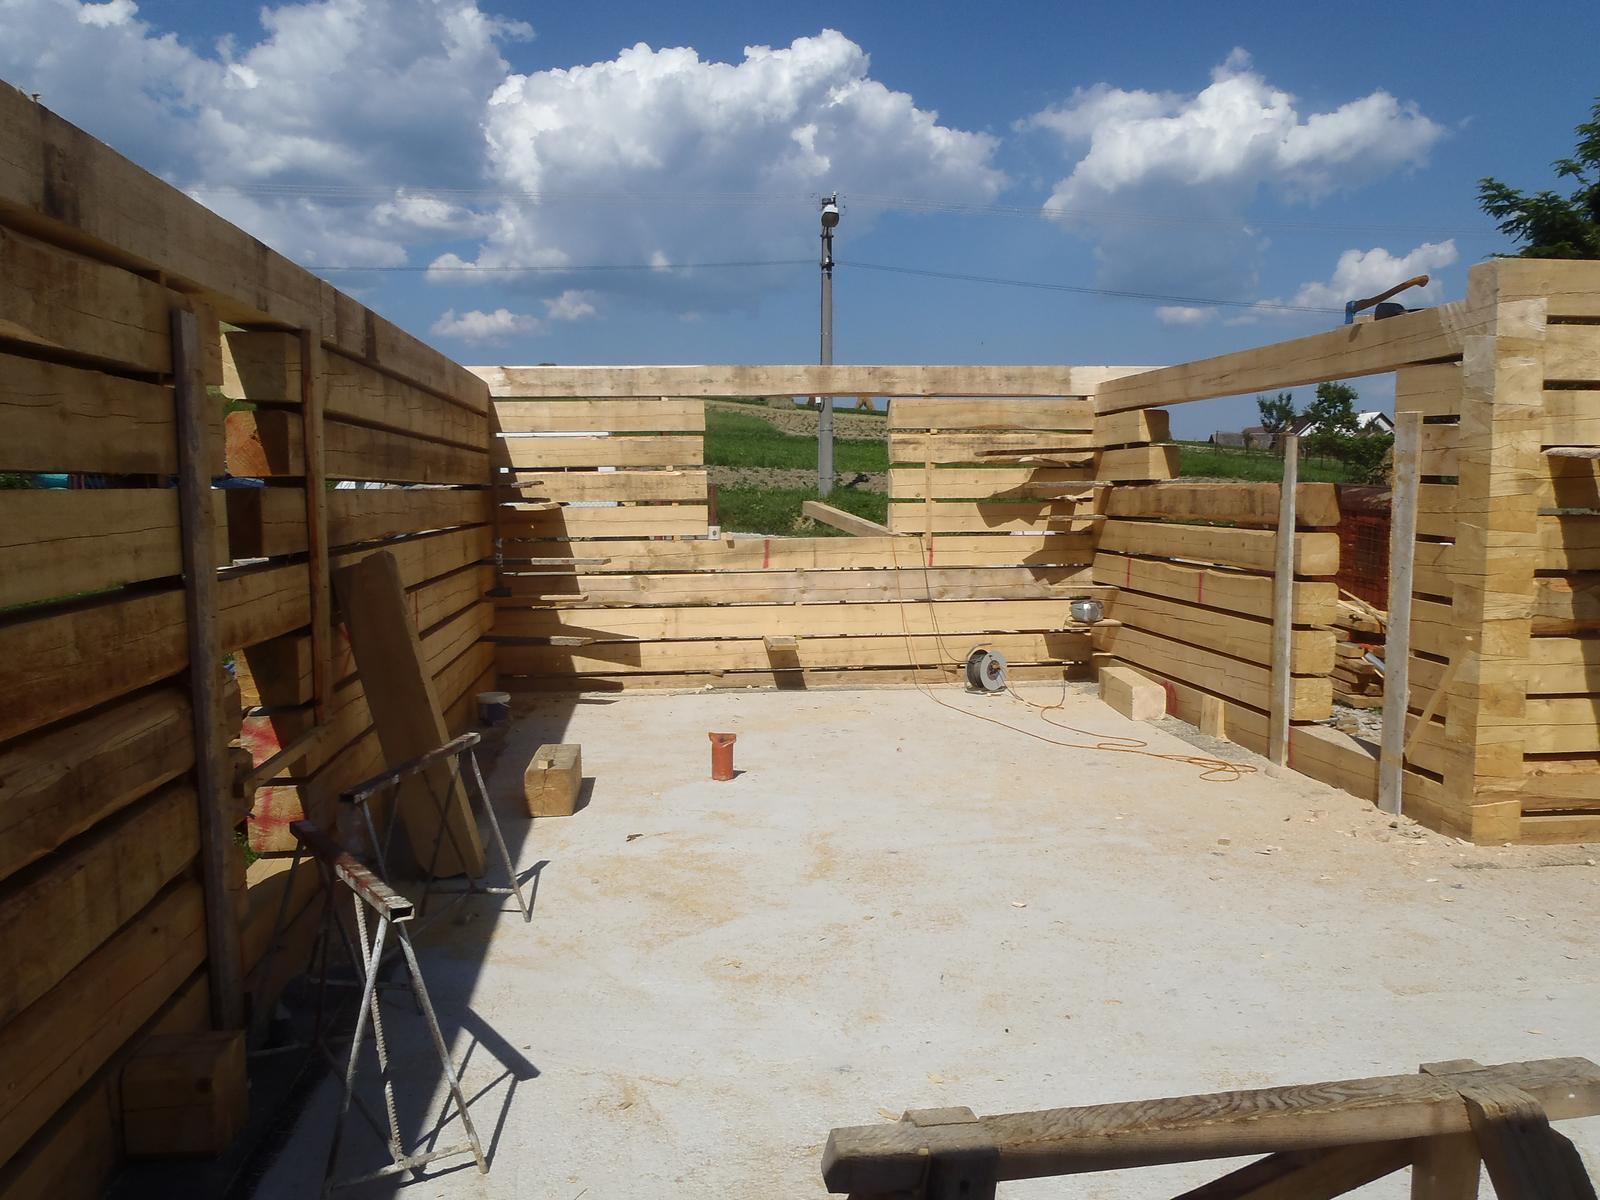 Náš veľký sen o drevenom domčeku! - Obrázok č. 88